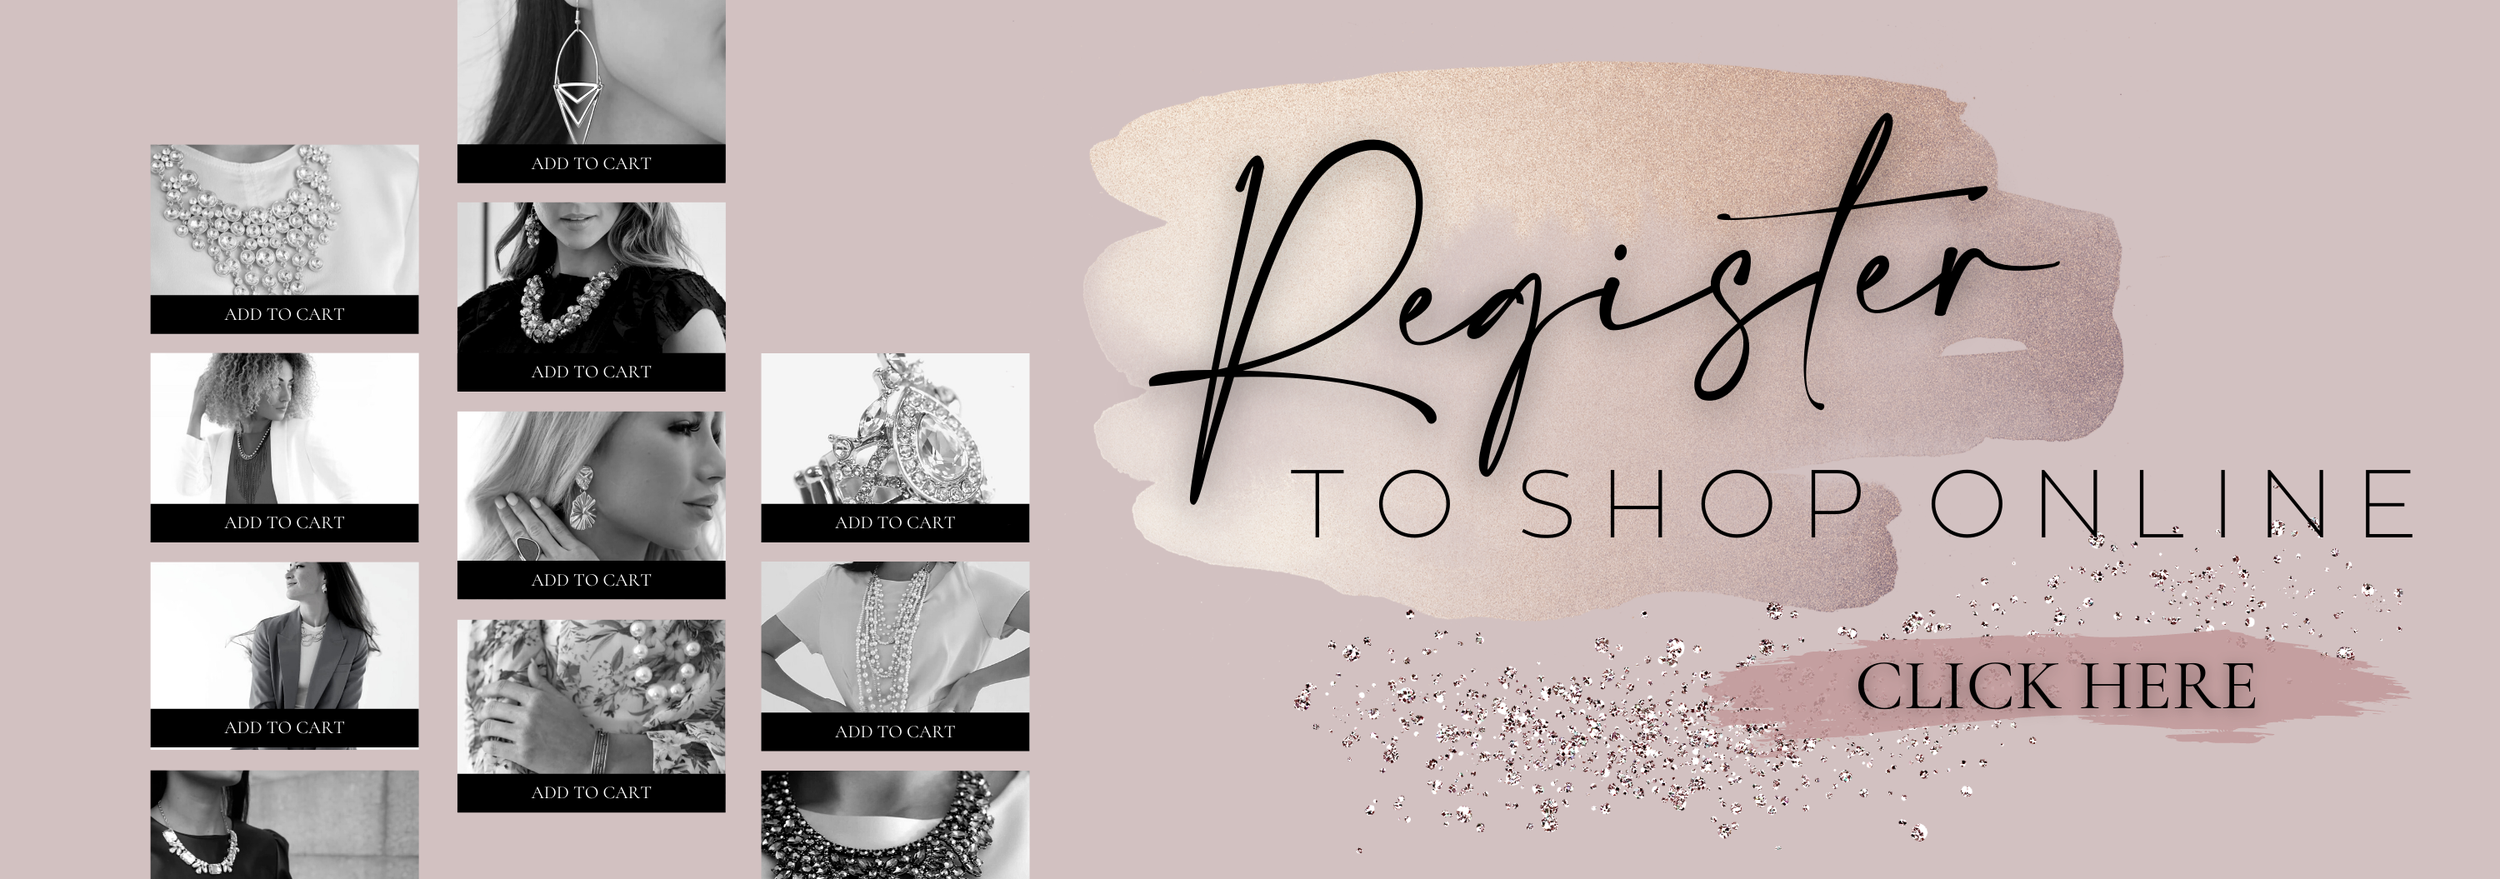 Register To Shop